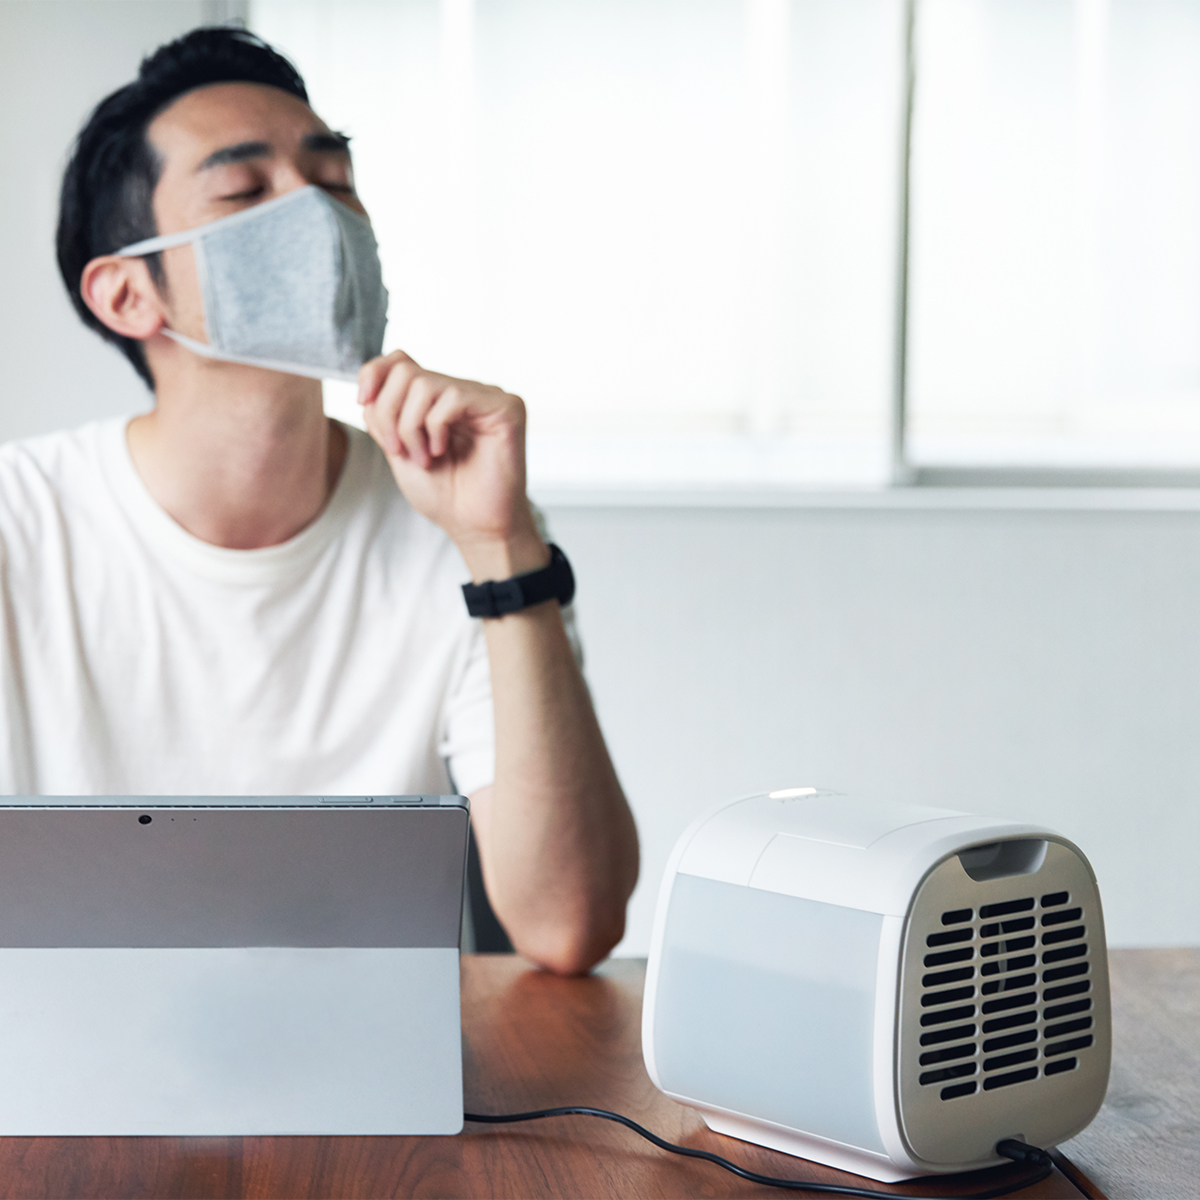 涼しさを独り占めできる、まさに「顔面クーラー」。省エネで環境に優しい「パーソナルクーラー」|Evapolar evaCHILL(エヴァ チル)